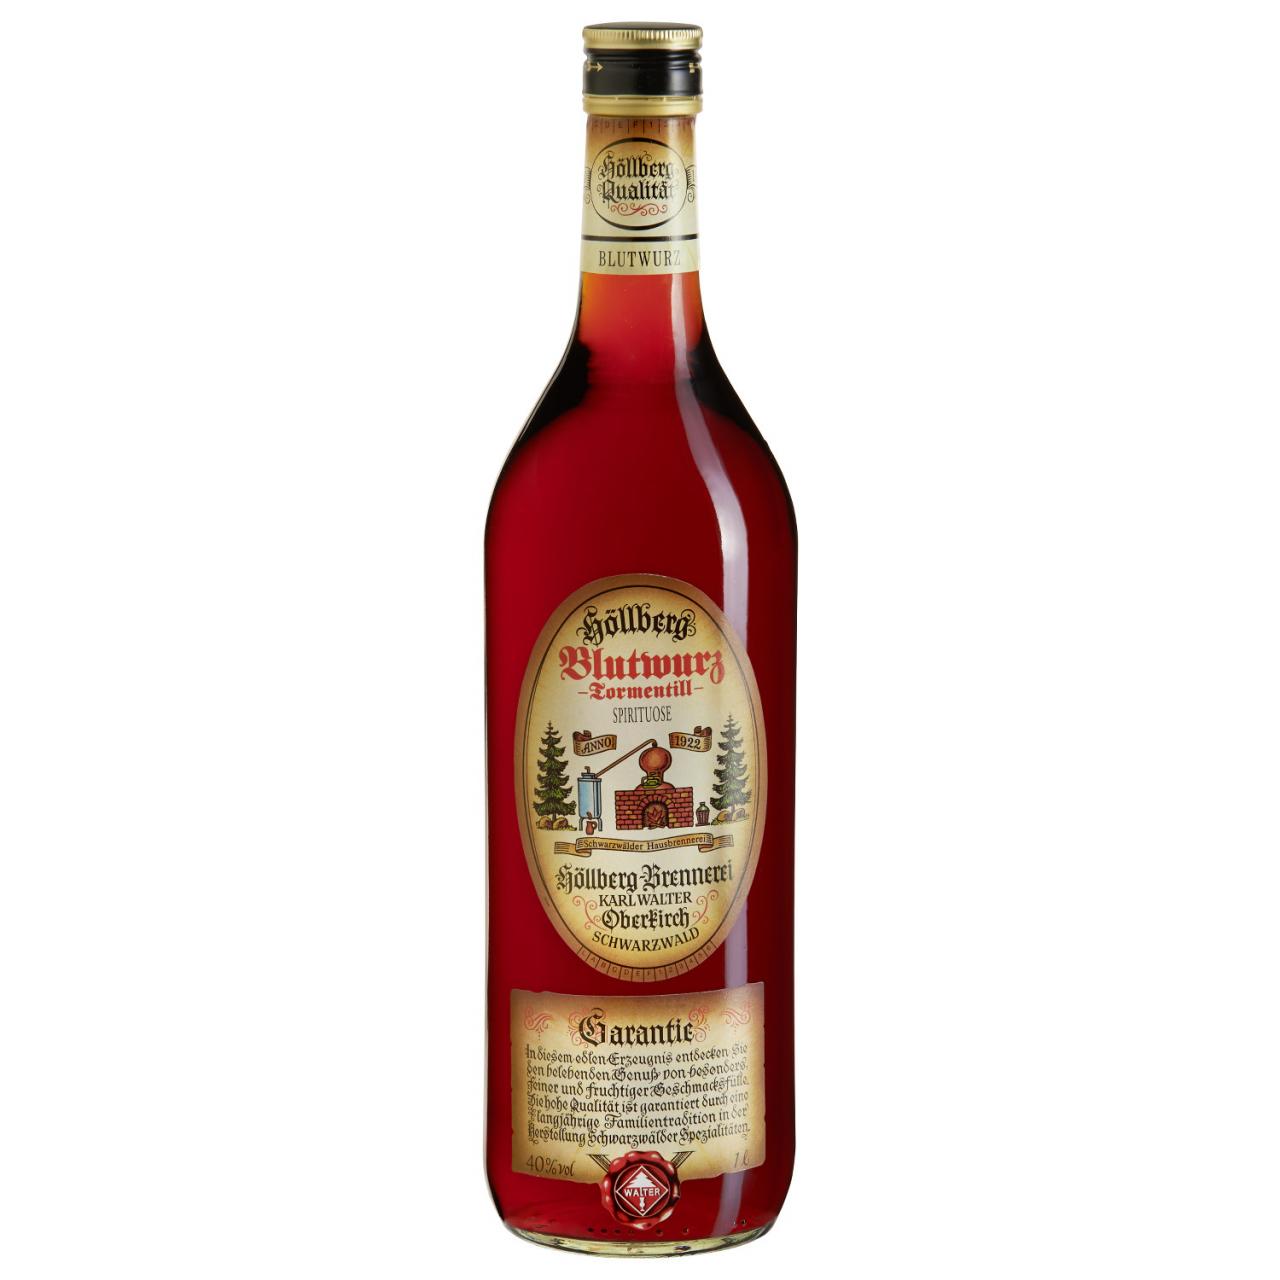 1 Liter Flasche Höllberg Blutwurz mit einem Alkohlgehalt von 40% vol.